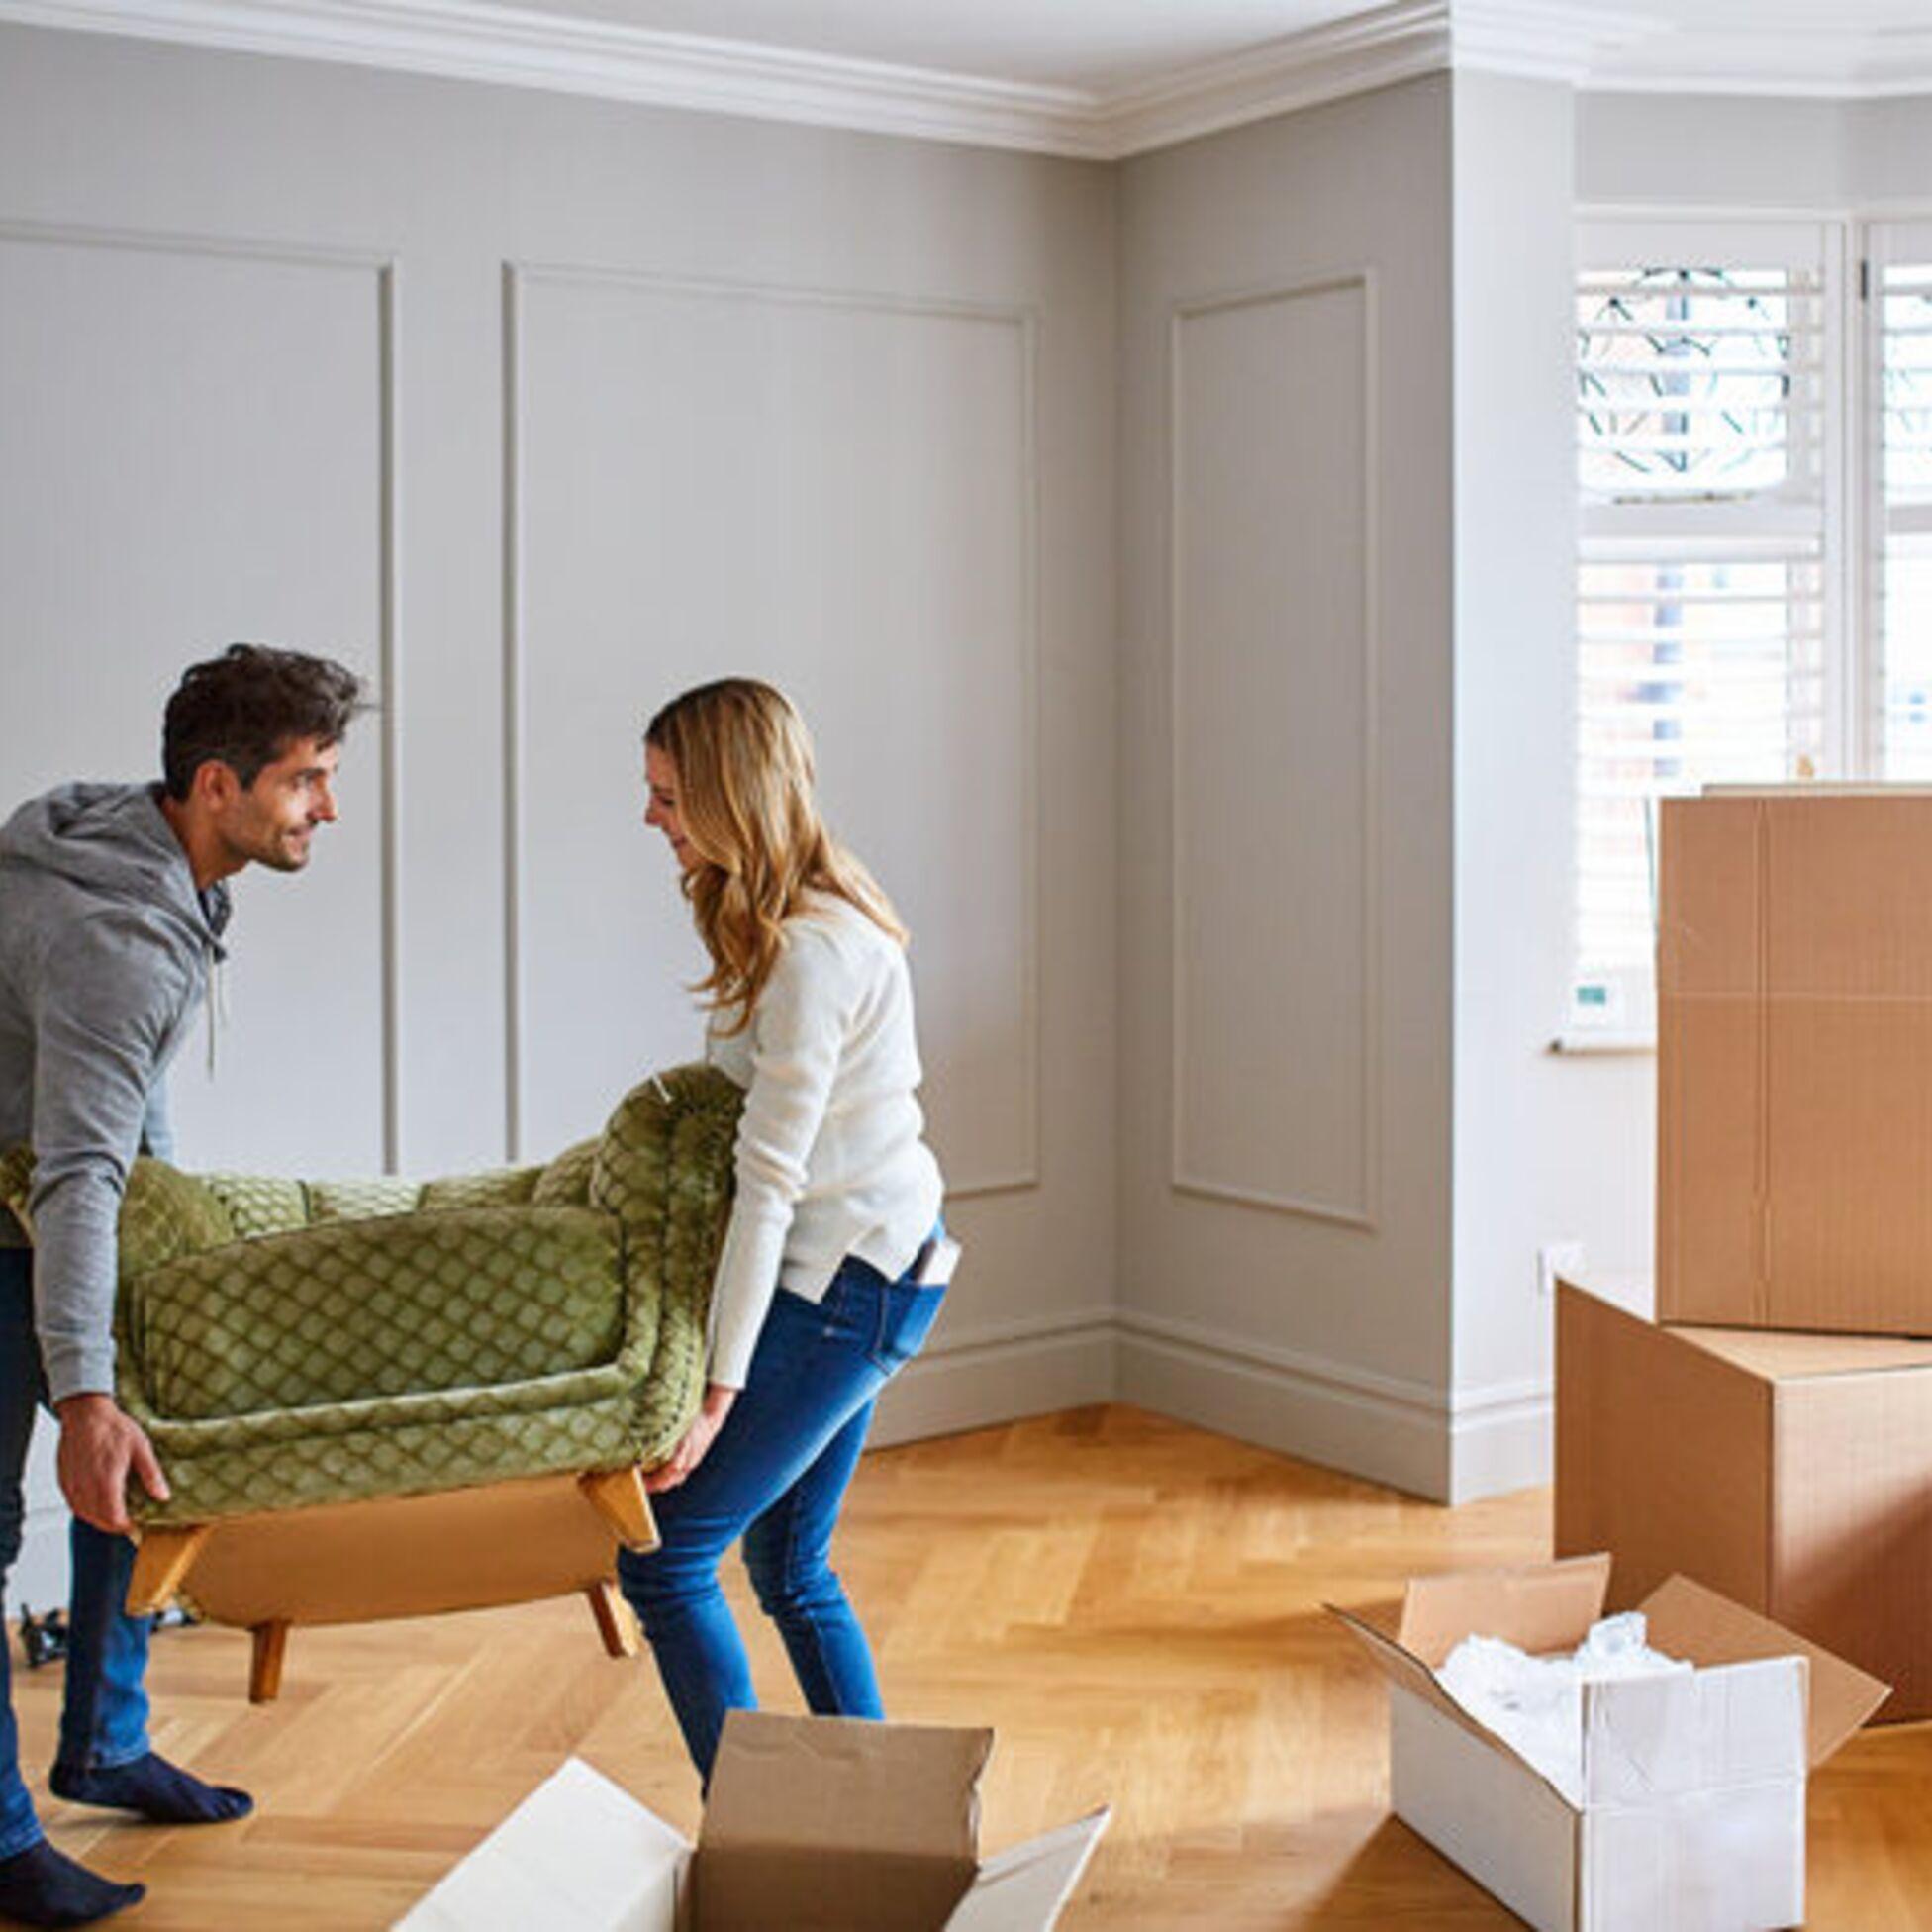 Möbel verschenken beim Umzug